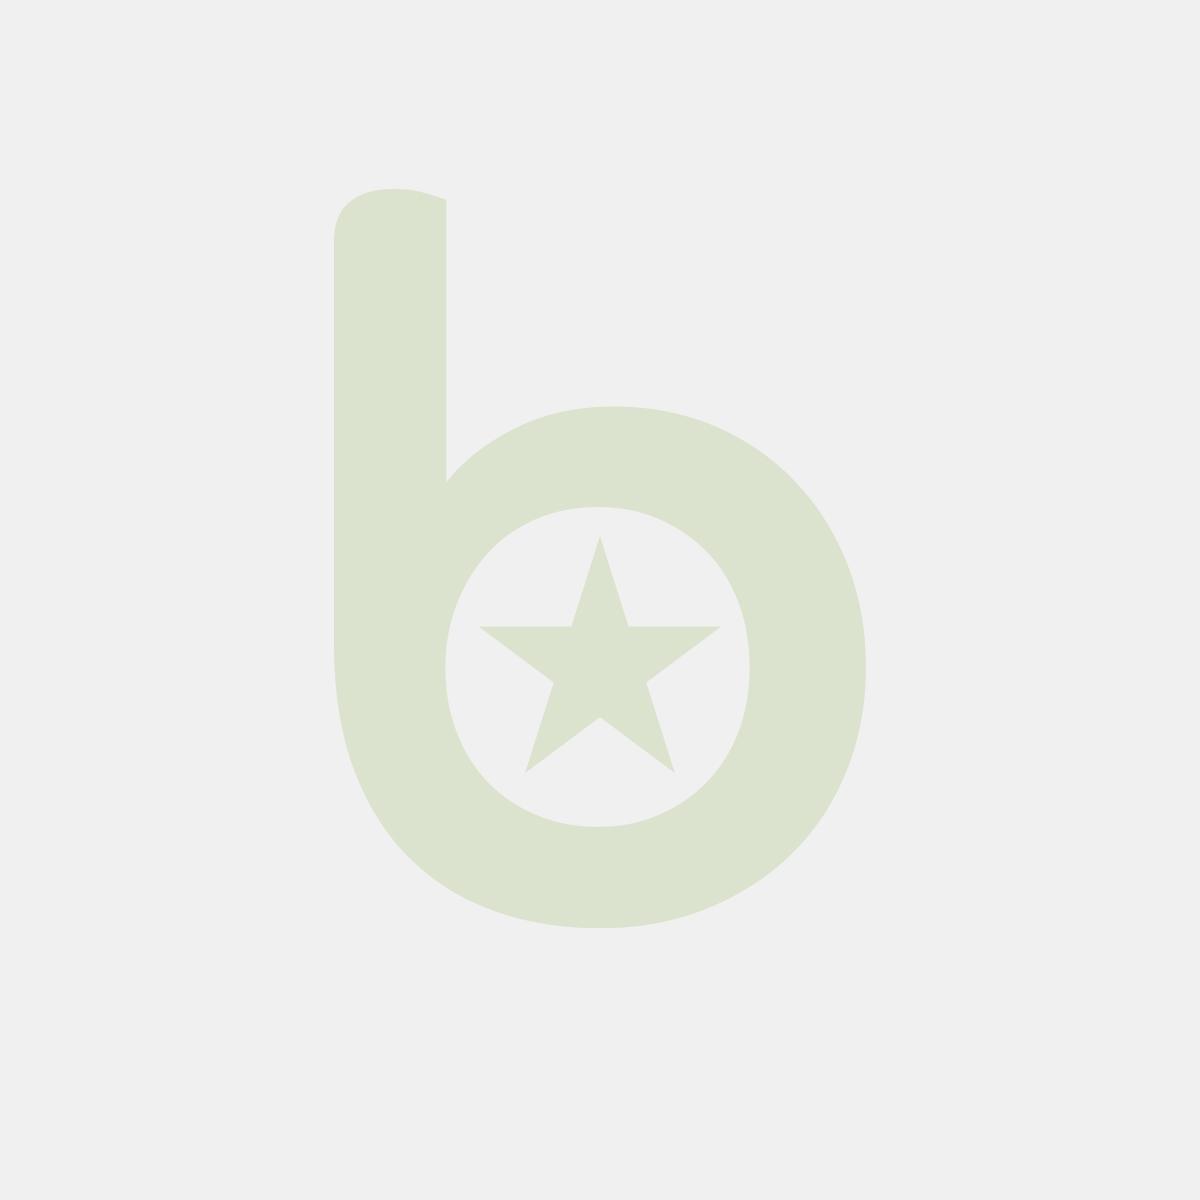 Zszywacz KANGARO Trendy-45M/Z3 + zszywki i rozszywacz, zszywa do 15 kartek, blister, czerwony